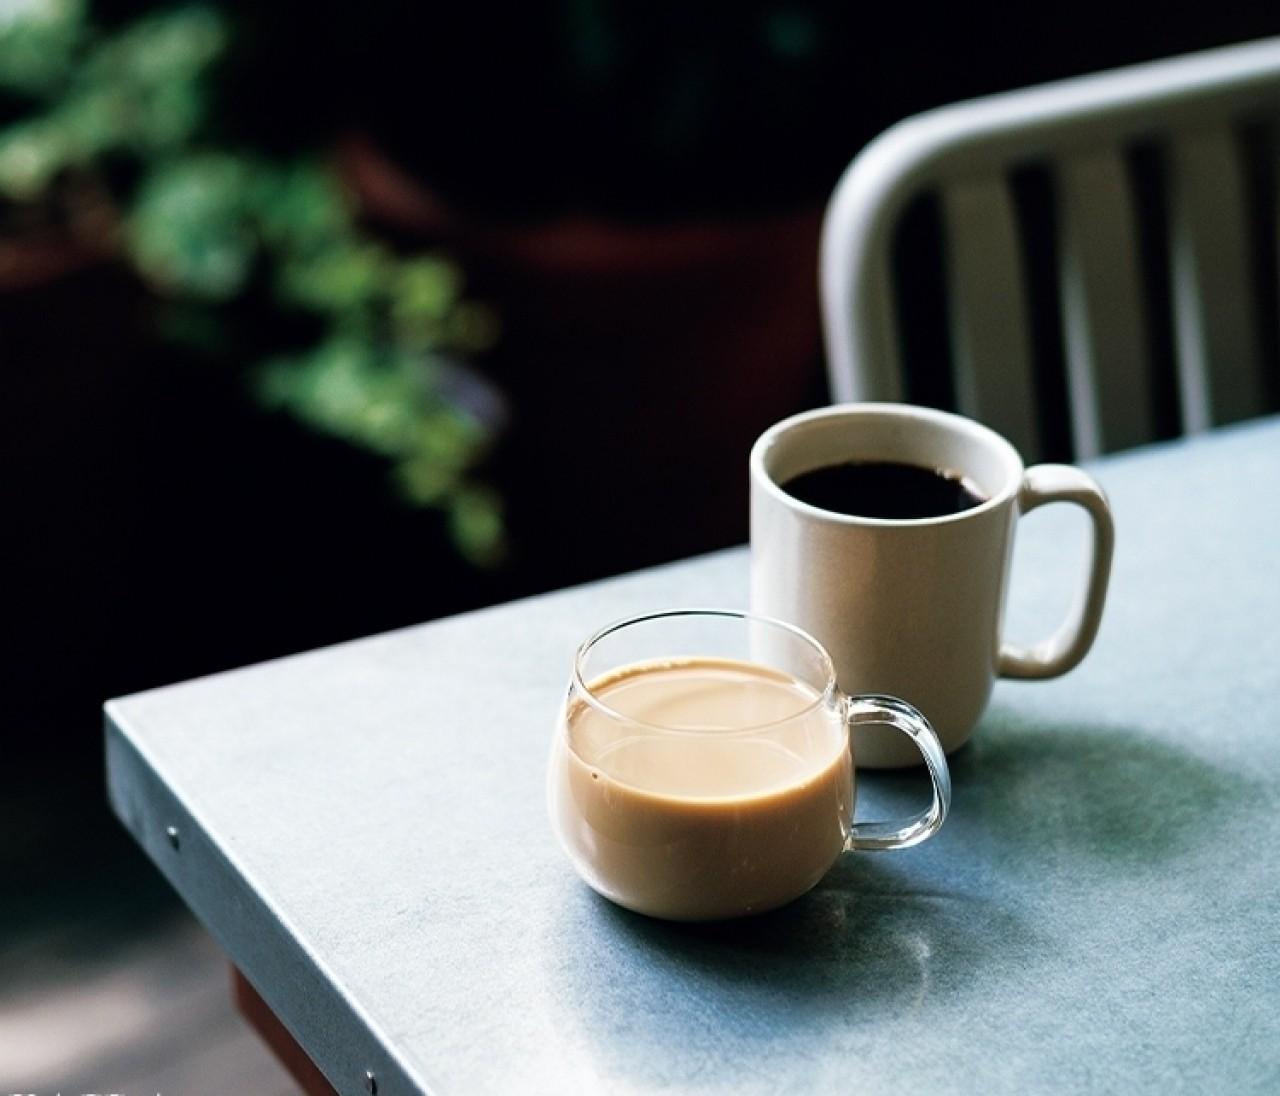 バリスタに学ぶ!おうちでできる美味しいコーヒーの淹れ方&カフェラテの作り方